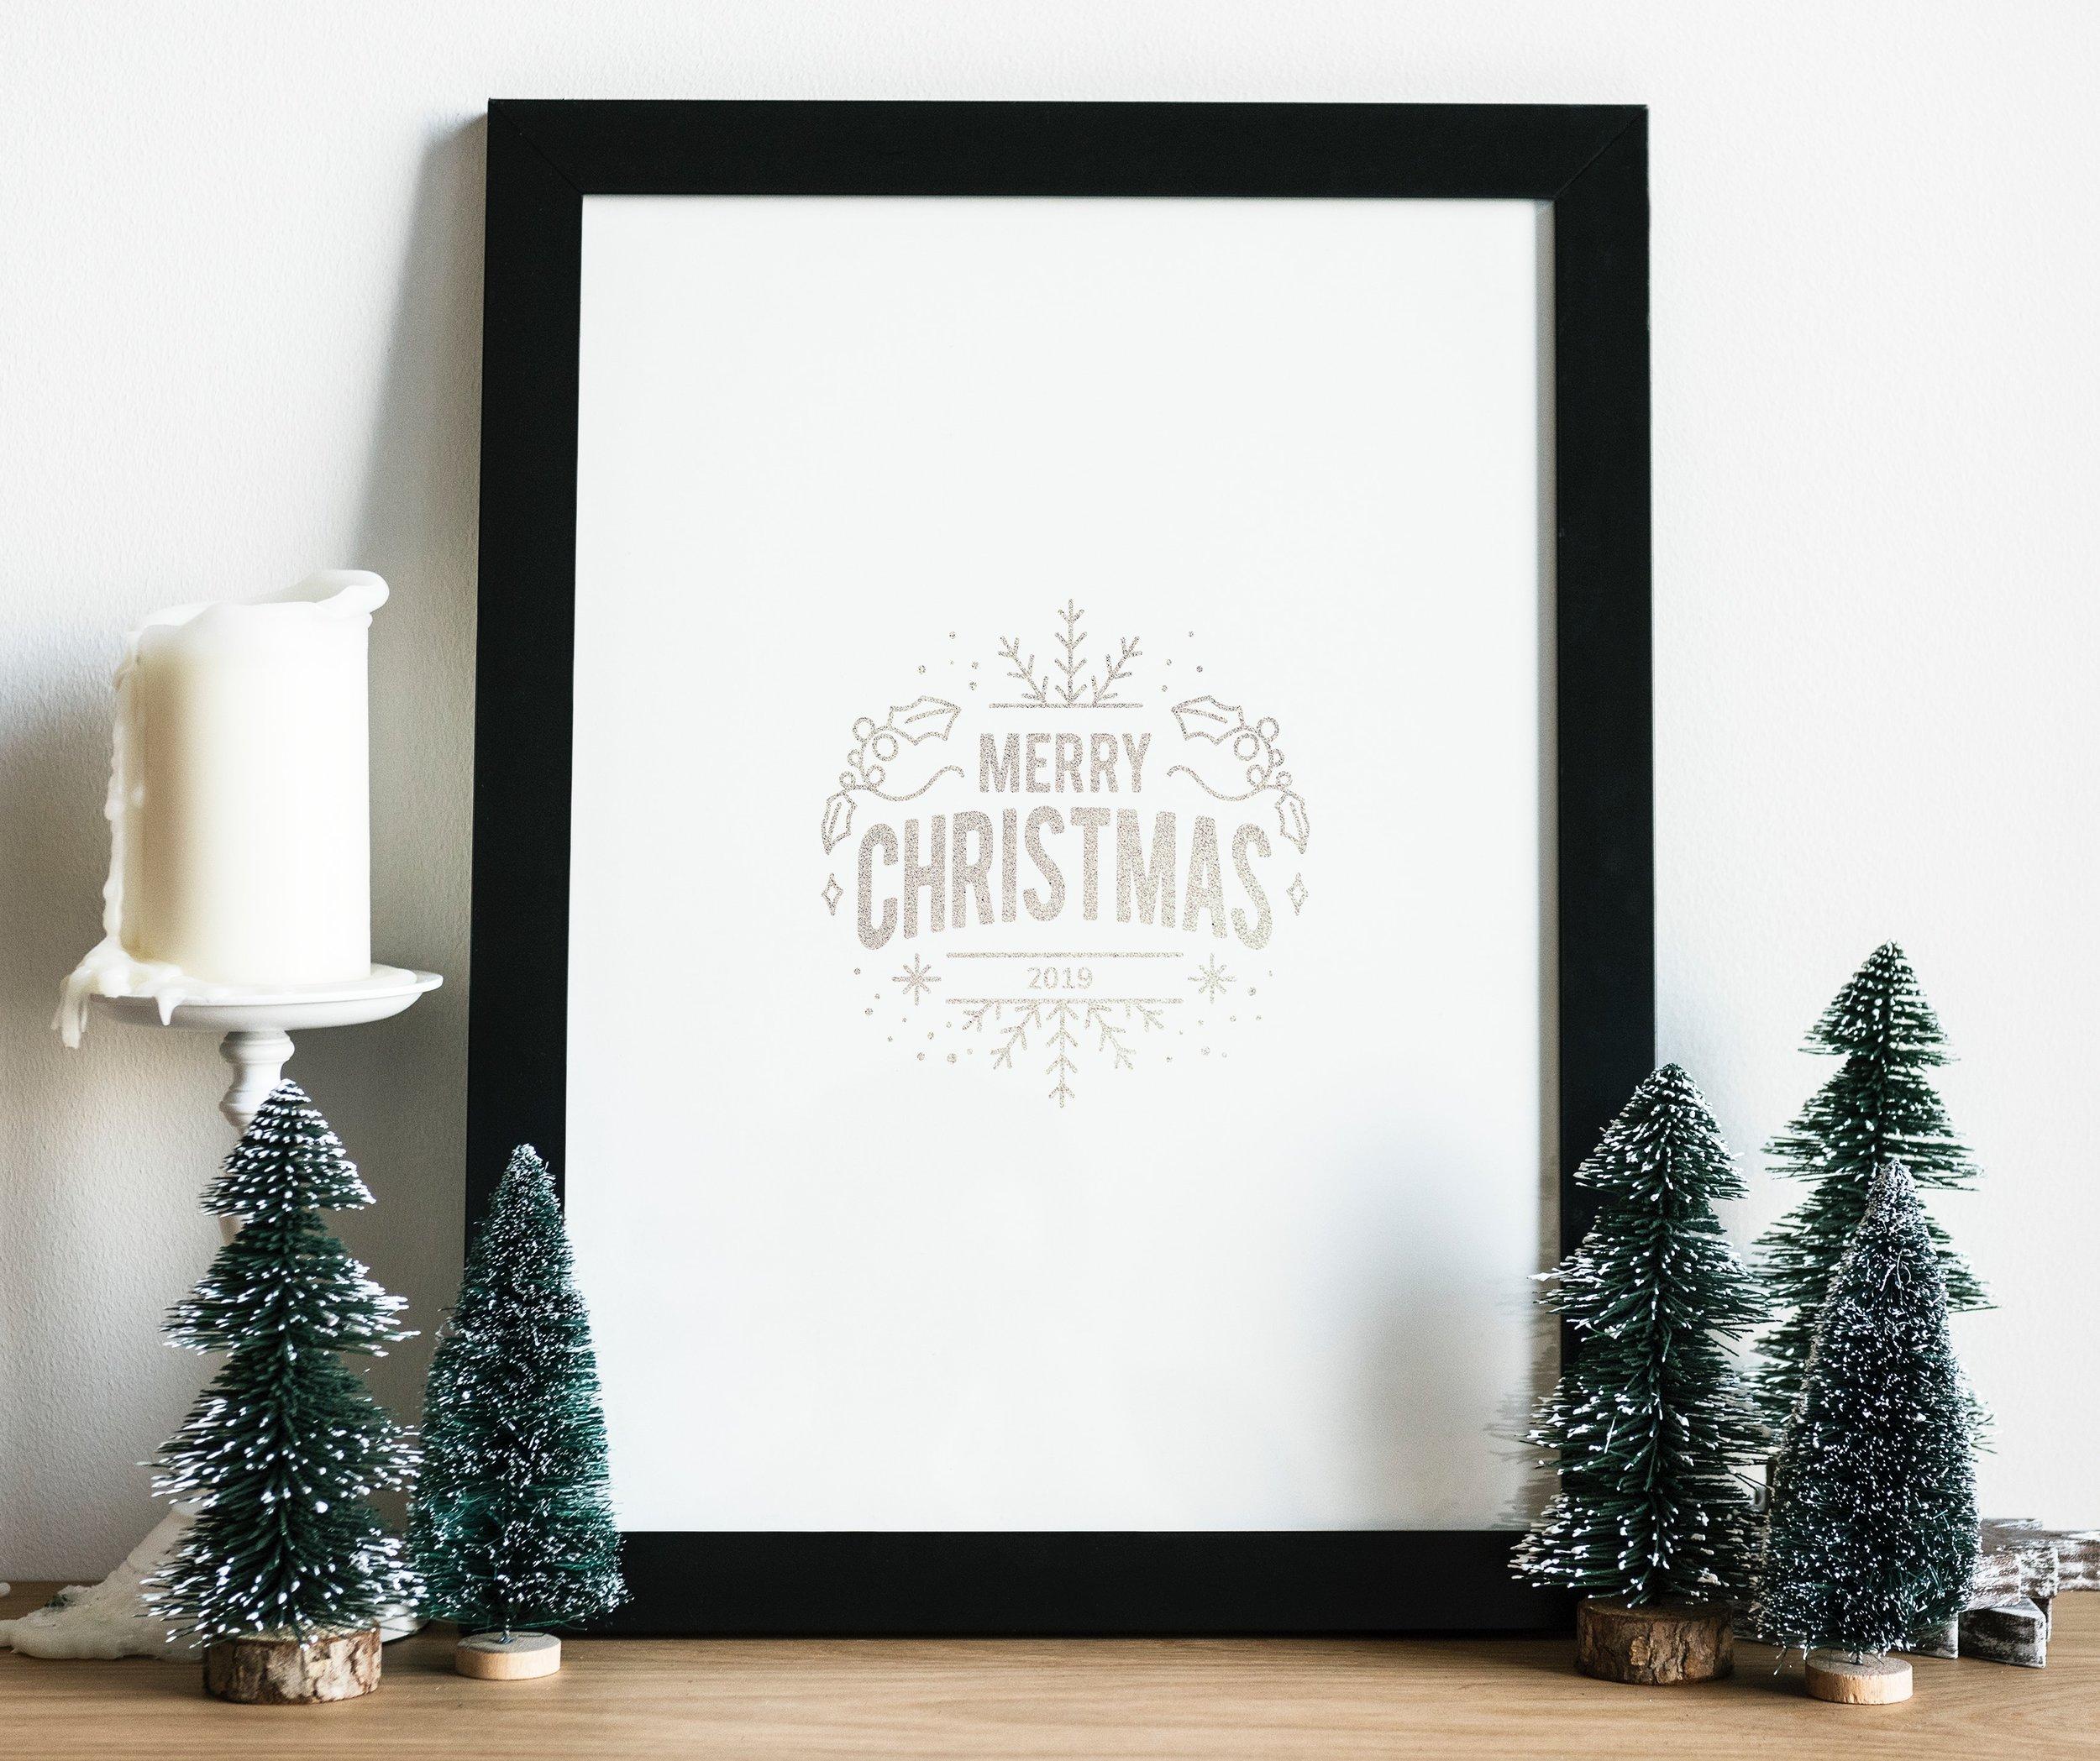 candle-celebration-christmas-1534523.jpg